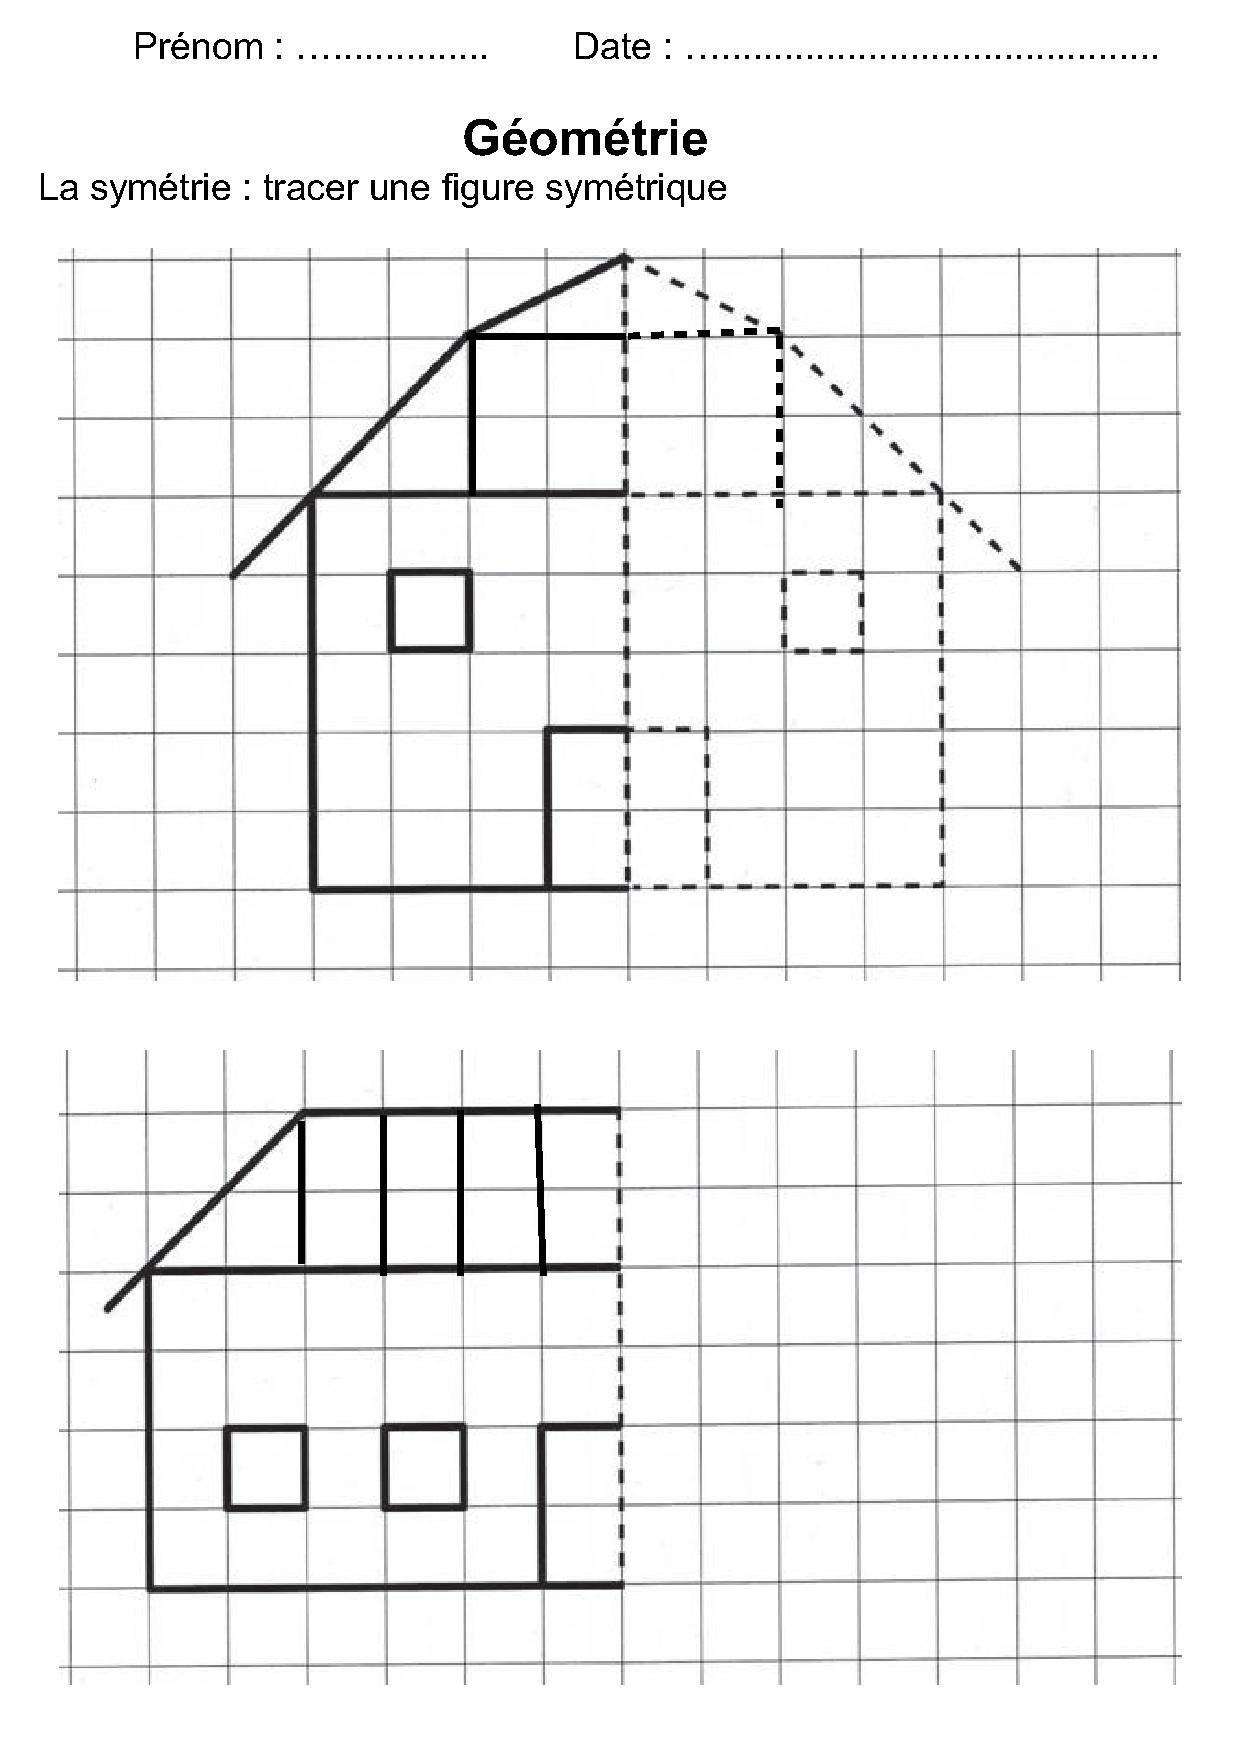 Géométrie Ce1,ce2,la Symétrie,reproduire Une Figure pour Exercice Reproduction Sur Quadrillage Ce1